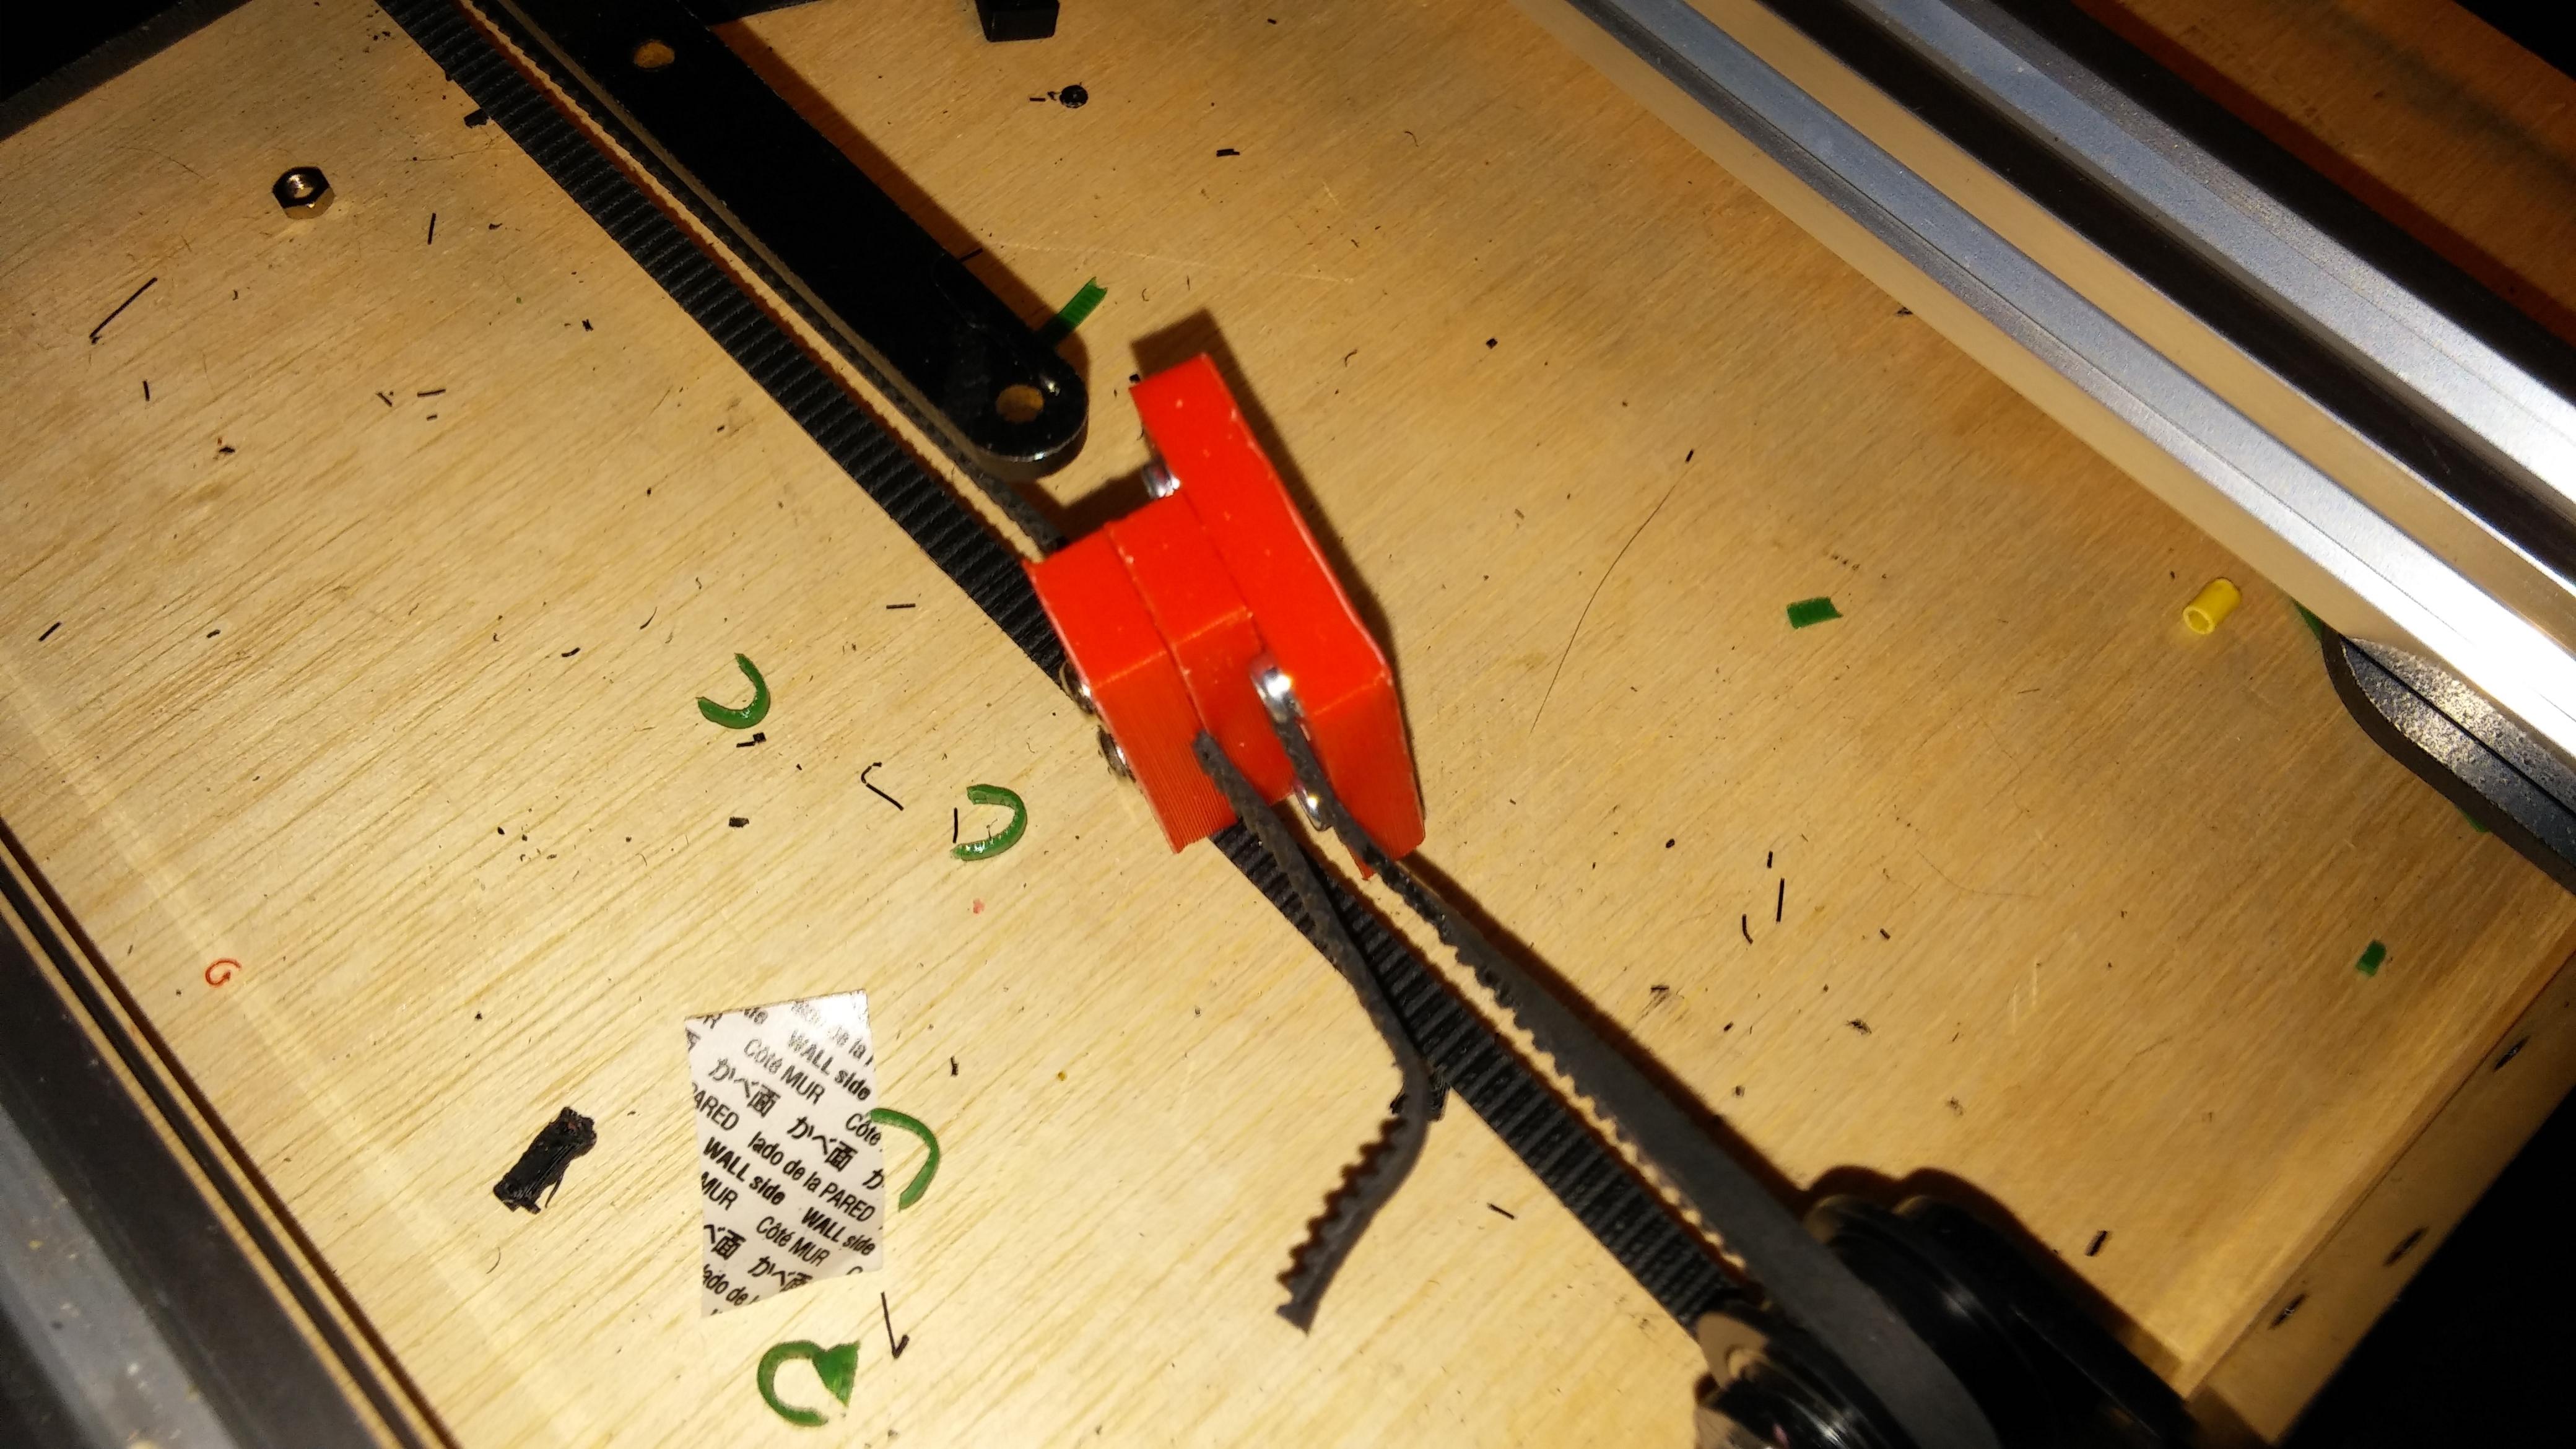 0317151020.jpg Download free STL file NCS P3-v Steel Y Axis belt Mount GT2 Belt • 3D printer template, trentjw